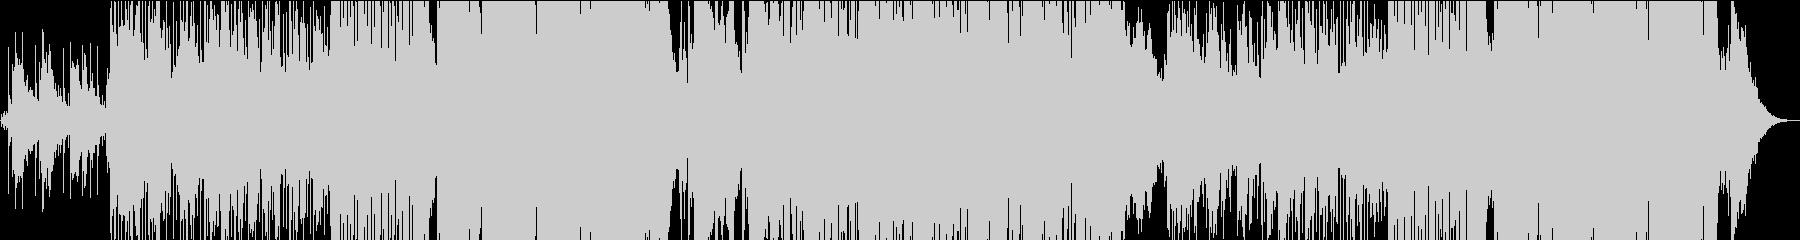 琴による和風Pop & Future Bの未再生の波形